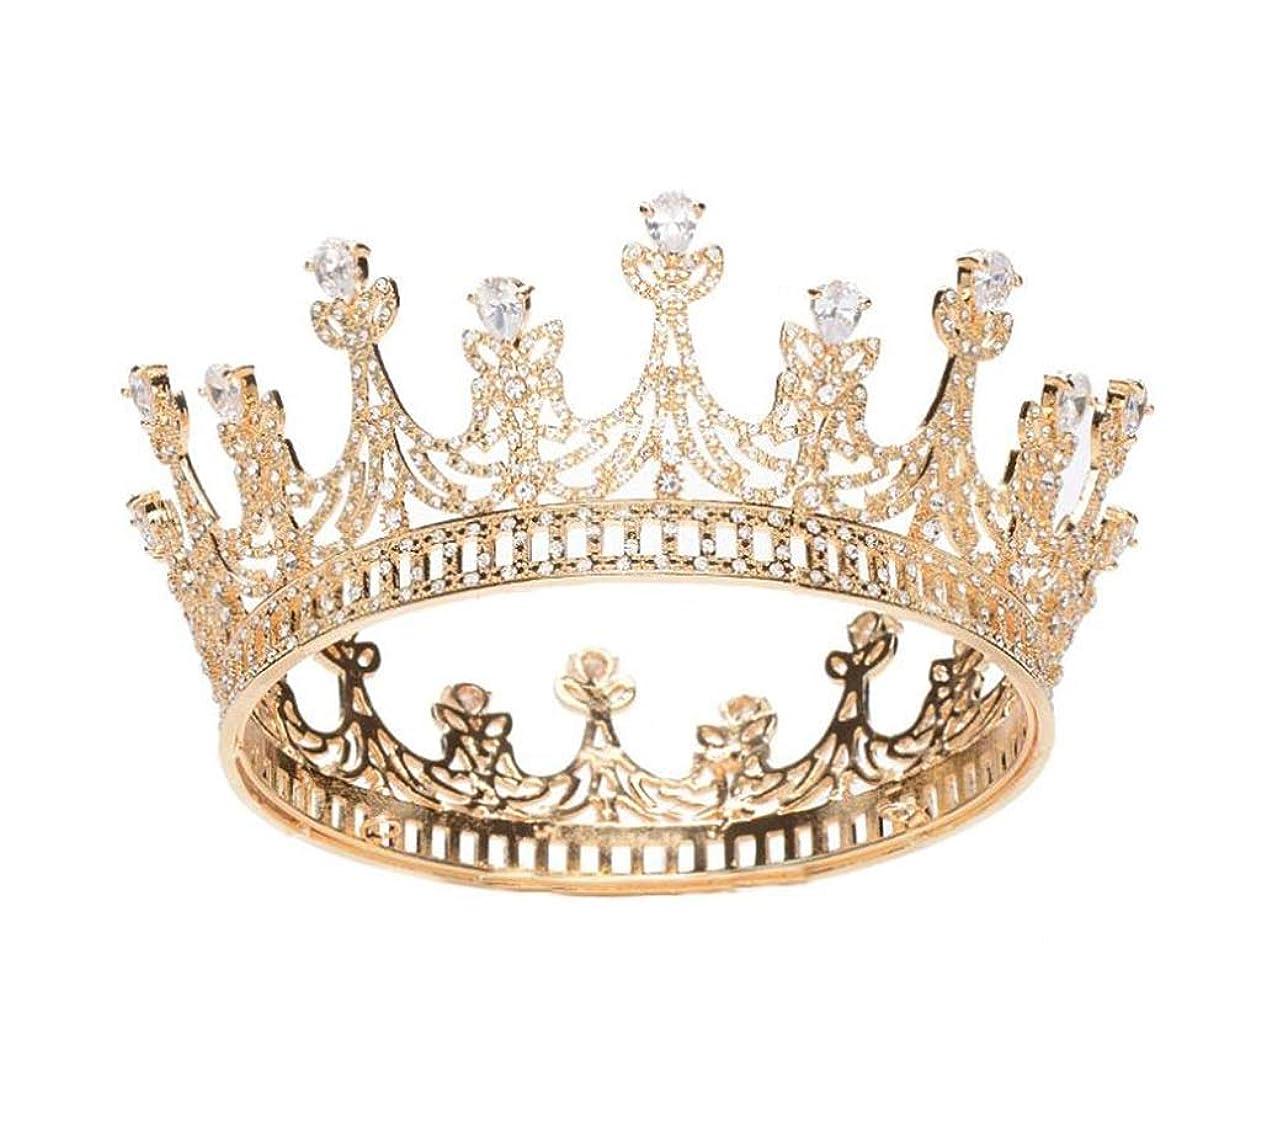 いっぱいマウス保険花嫁の王冠バロックAAAジルコンラウンドクラウンフルサークルクラウン高貴なブライダルティアラヘアアクセサリー (色 : A)